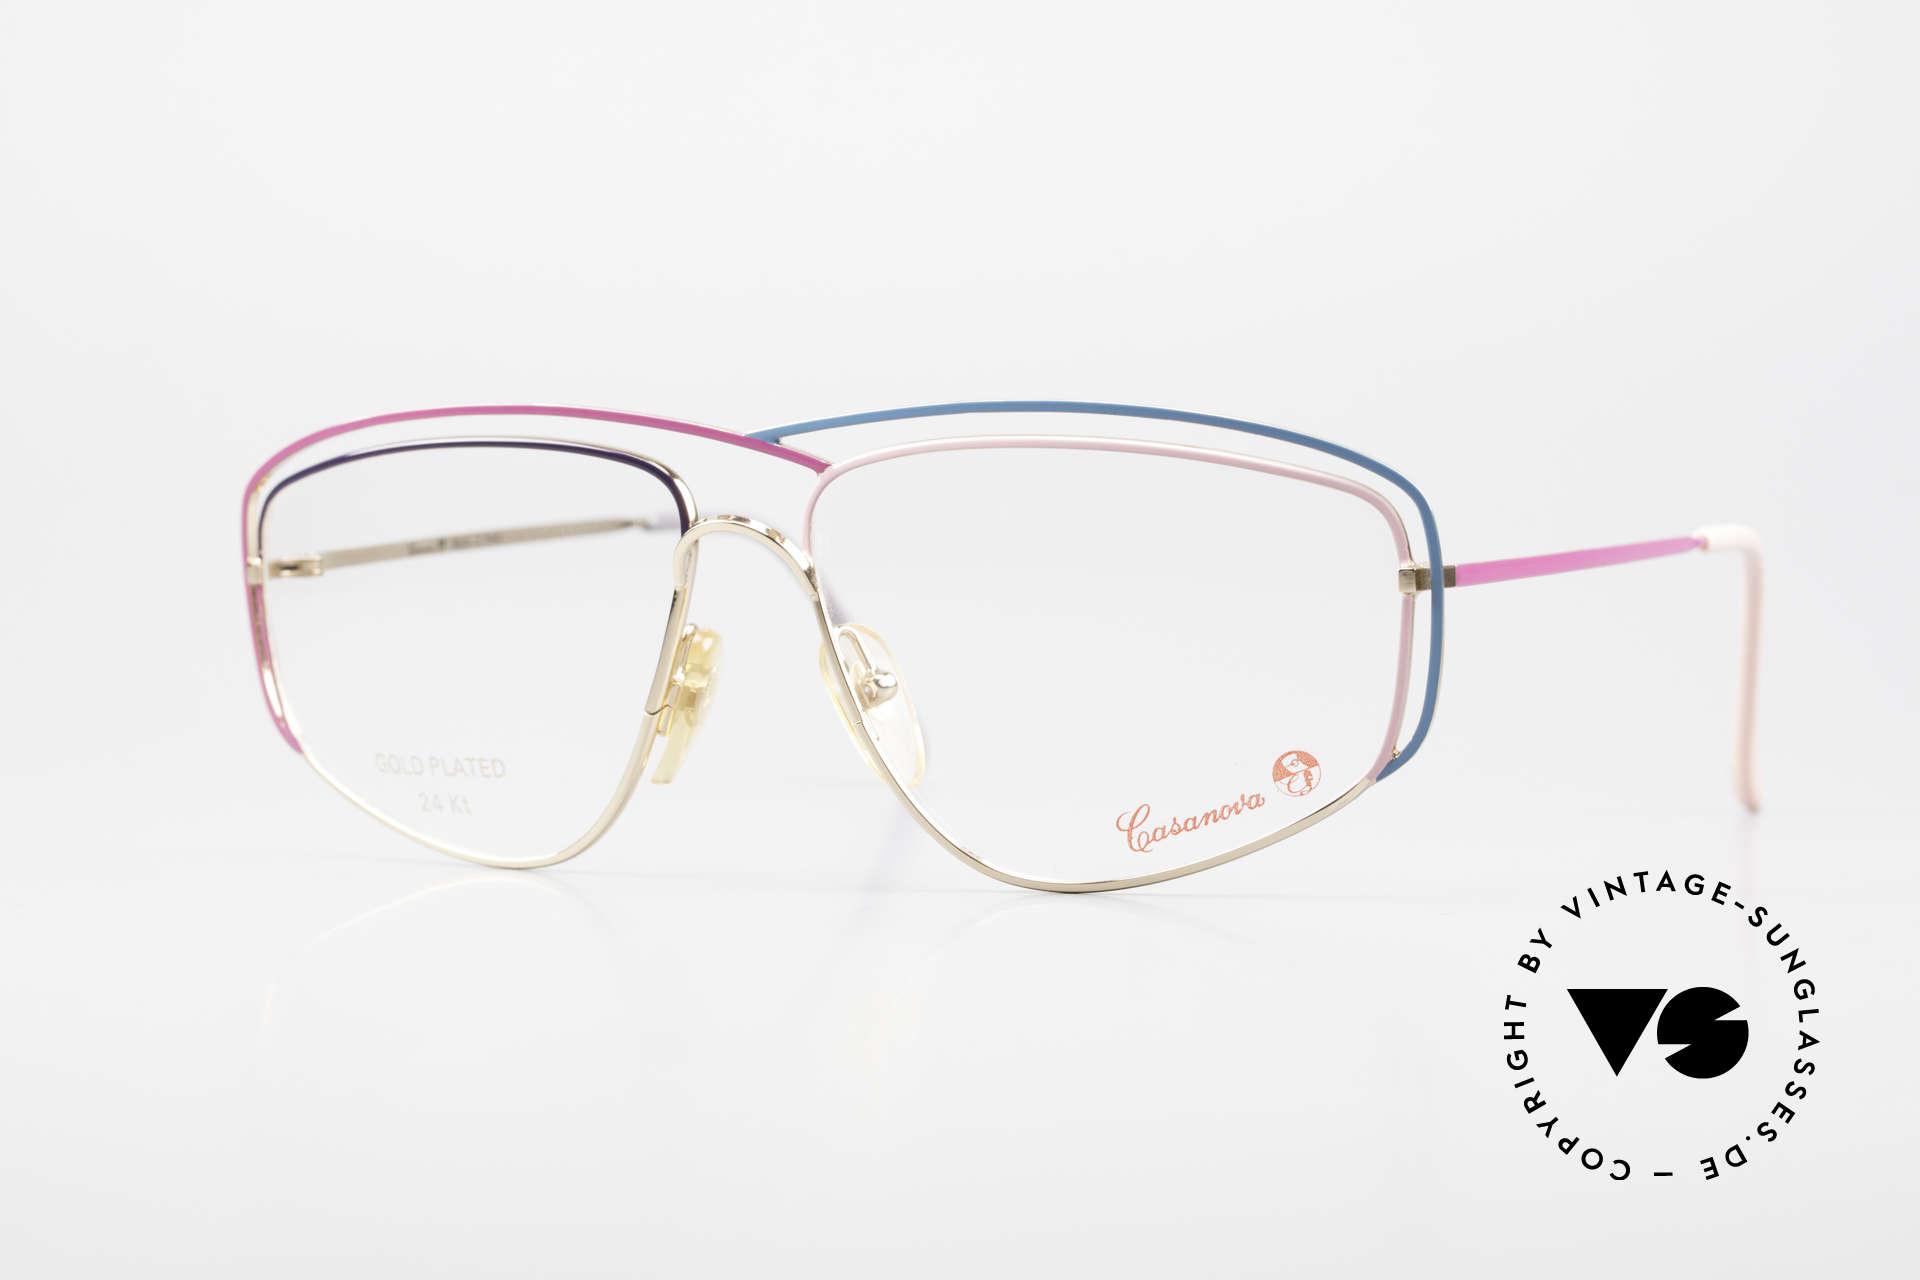 Casanova CN24 24kt Gold Plated Ladies Frame, glamorous CASANOVA eyeglass-frame from around 1985, Made for Women